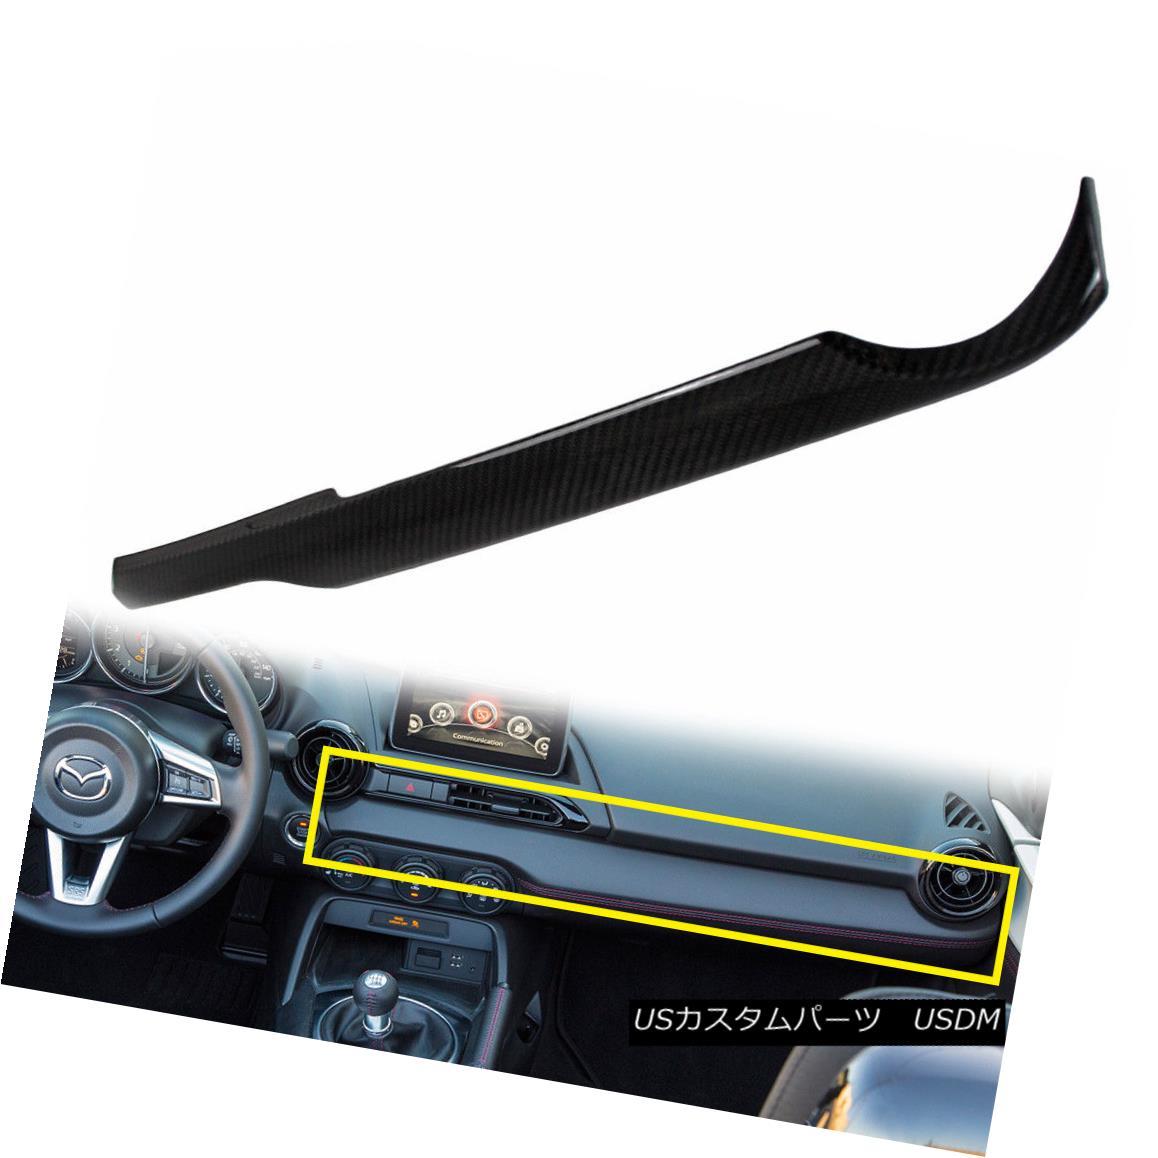 エアロパーツ Carbon Miata MX-5 Roadster Interior Console Panel Trim US Left Drive For Mazda Carbon Miata MX-5ロードスターインテリアコンソールパネルマツダのための米国の左ドライブをトリム